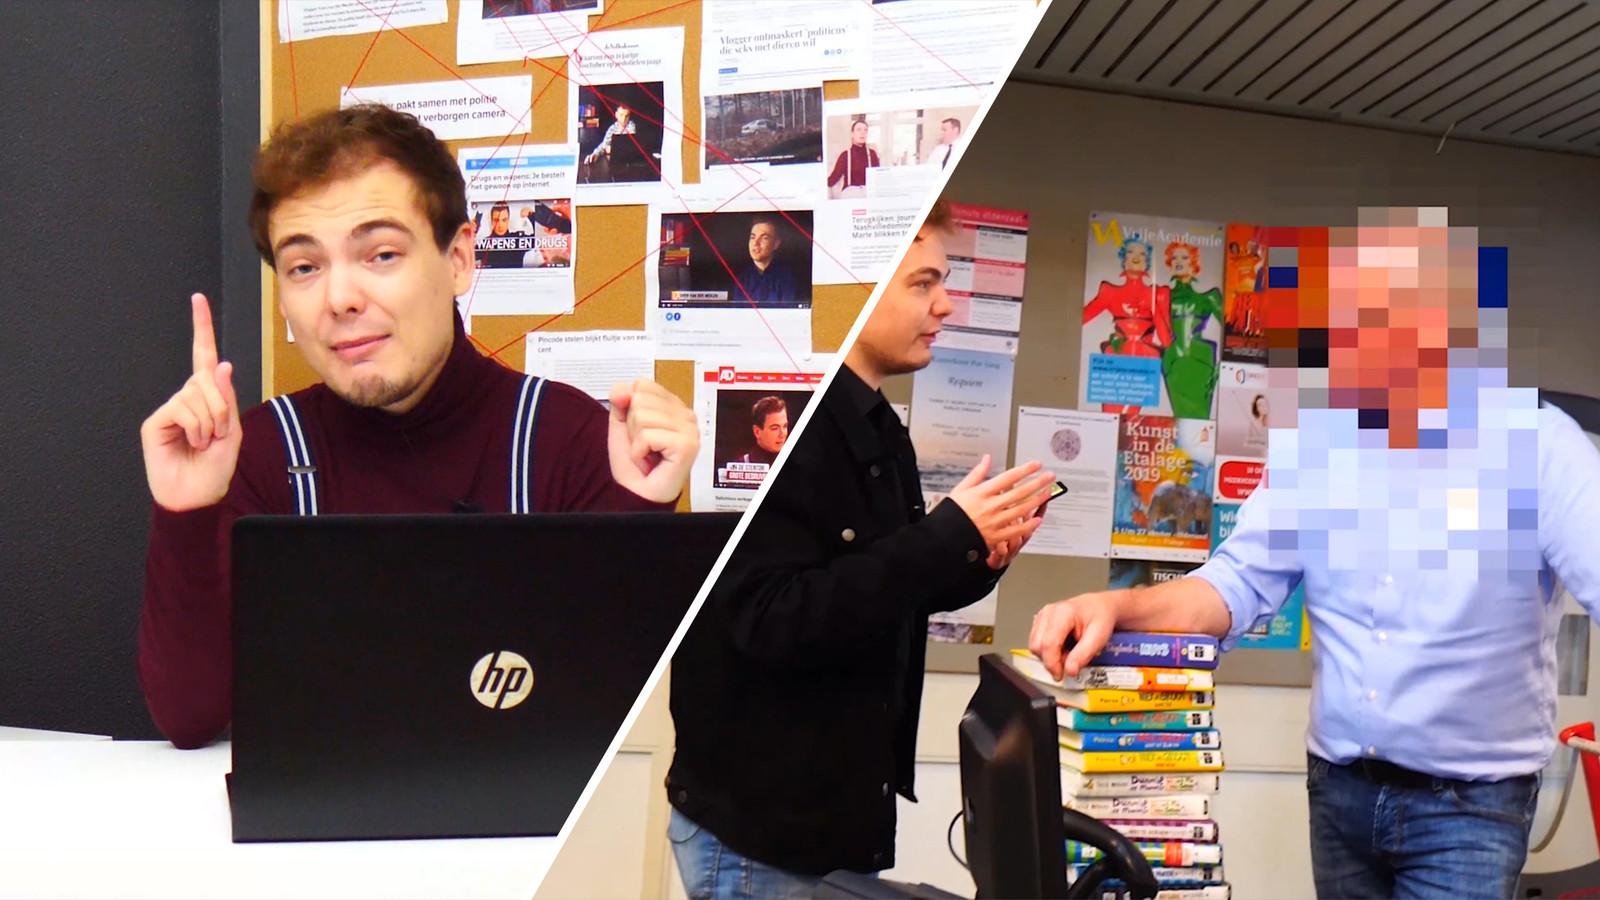 Sven van der Meulen dringt computers binnen.